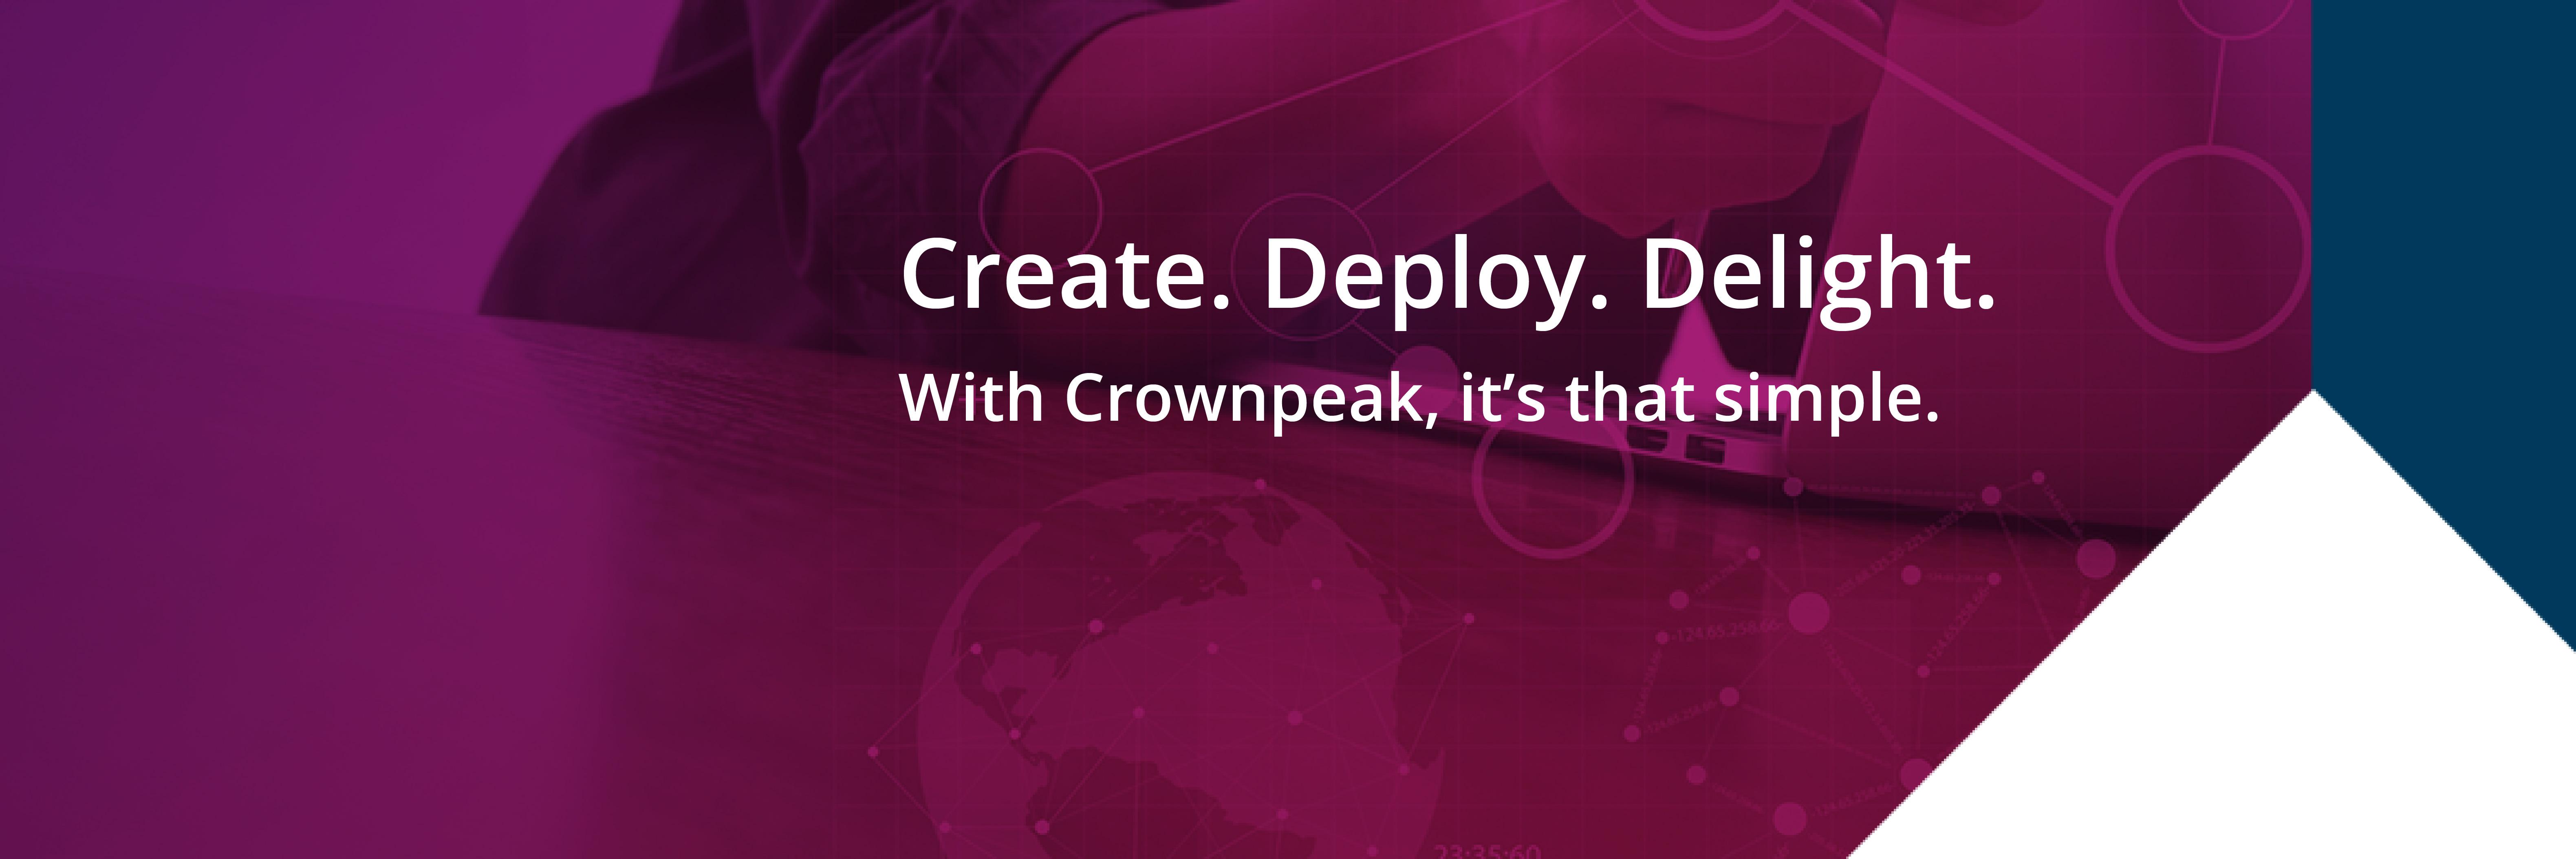 Crownpeak DXM